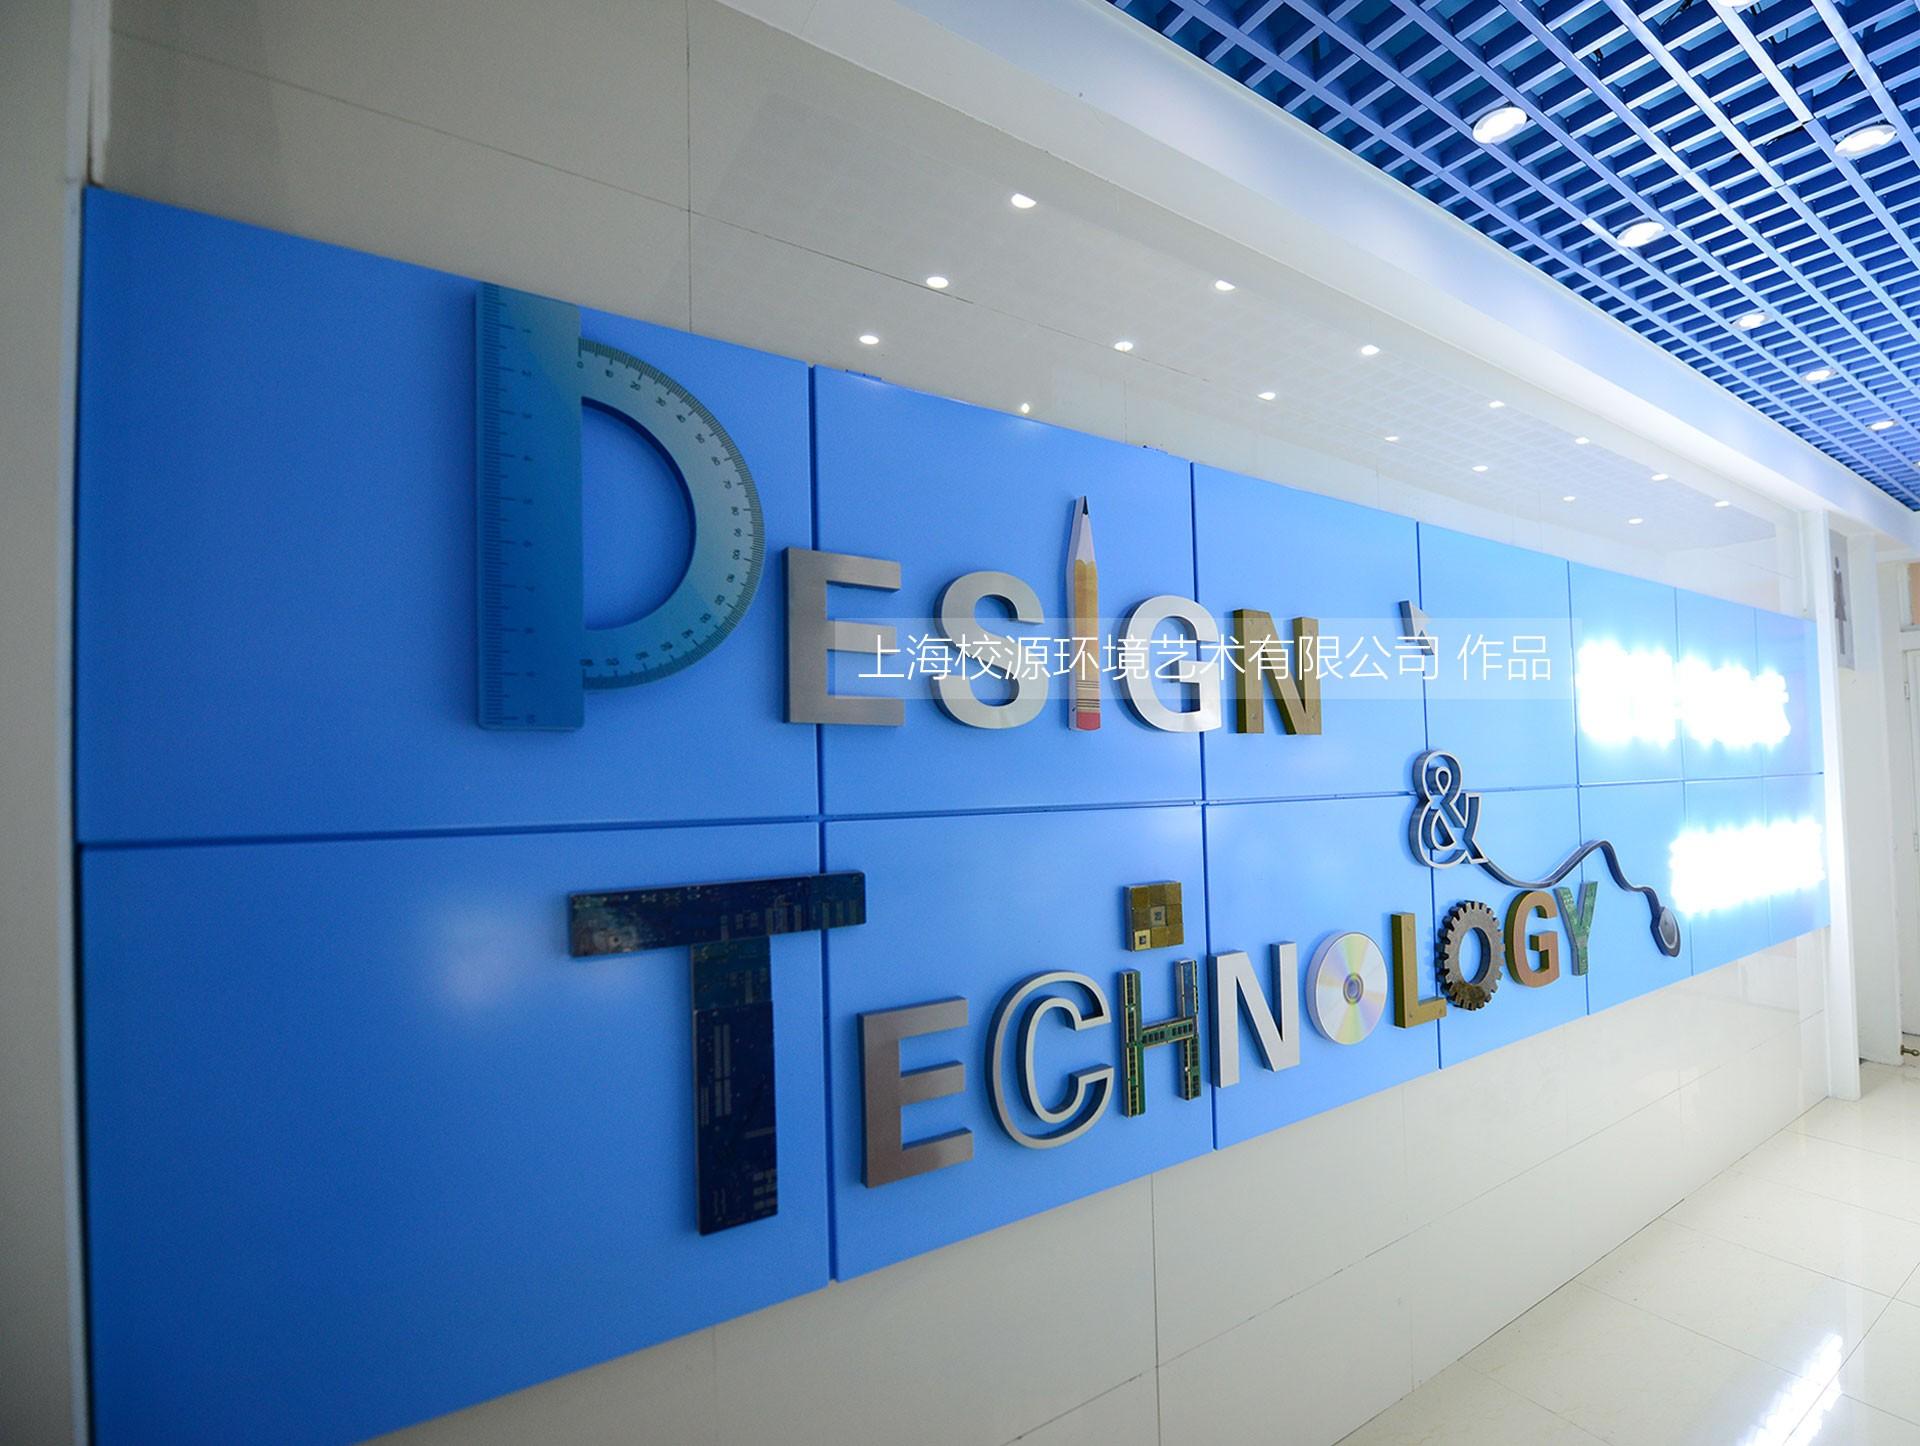 上海真如中学  设计技术实训中心